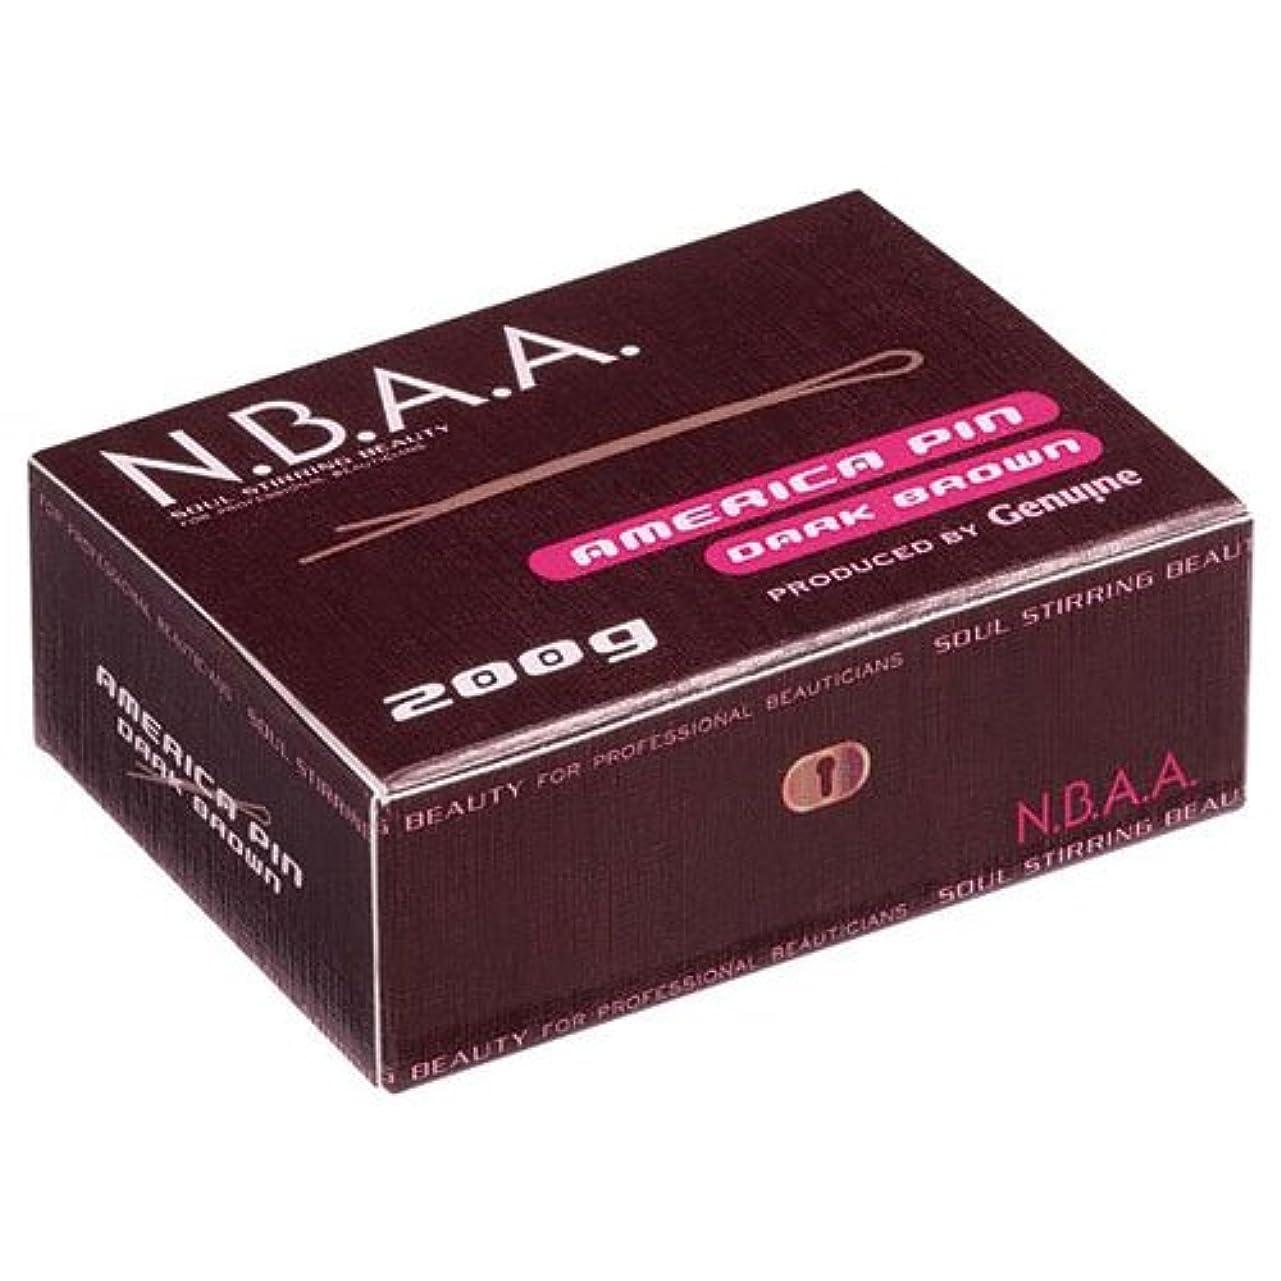 インキュバスクスコ脳NB-P01 NBAA.アメリカピン 200g